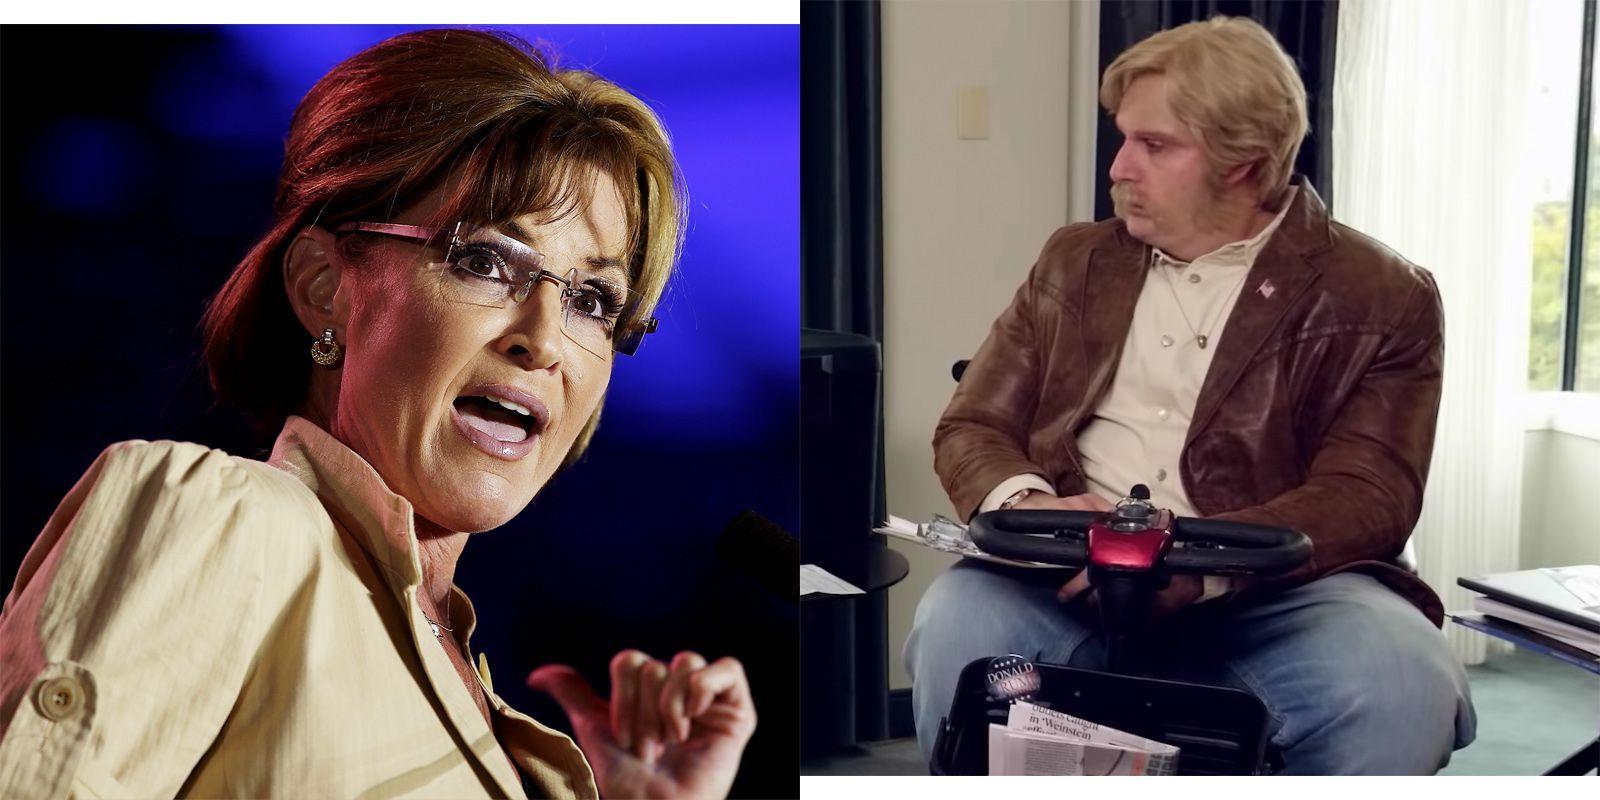 ICloud Sarah Palin nude photos 2019